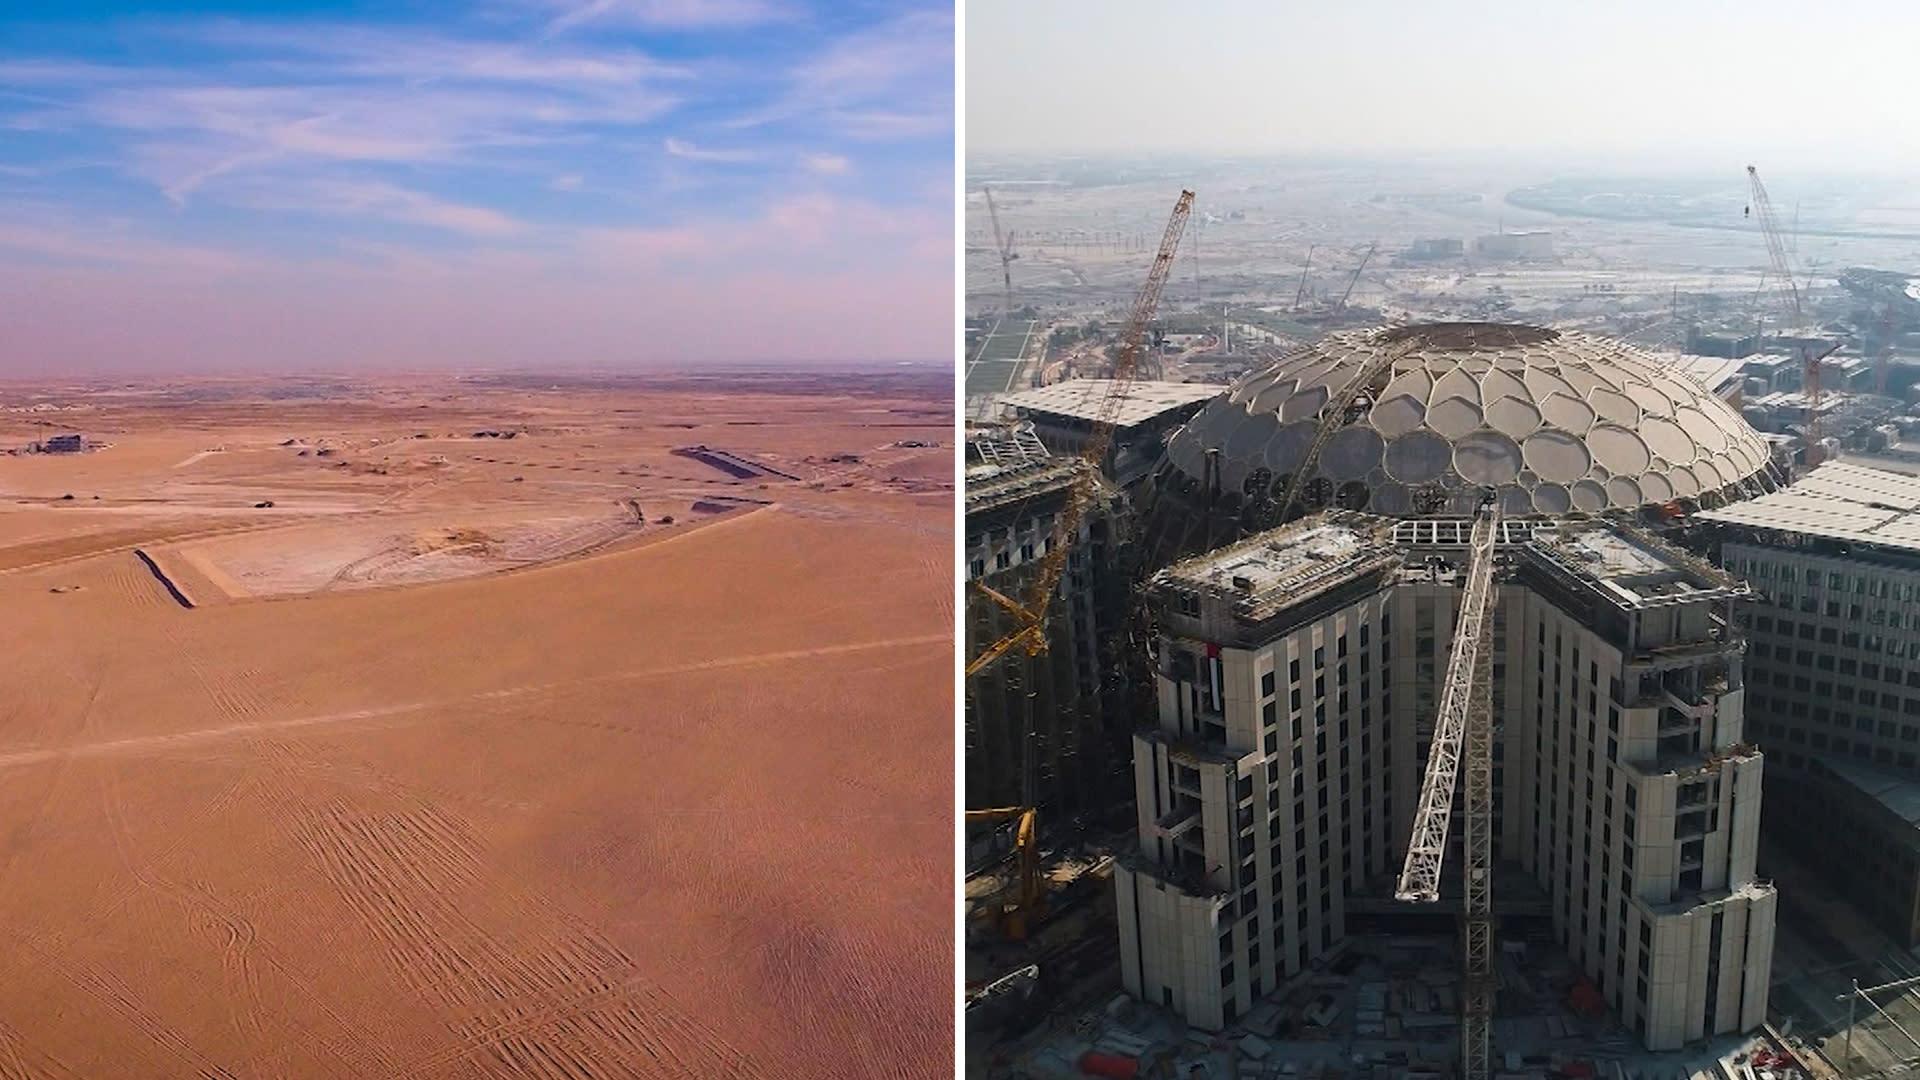 كيف حولت دبي واحة صحراوية إلى مدينة ذكية ومستقبلية في إكسبو 2020؟